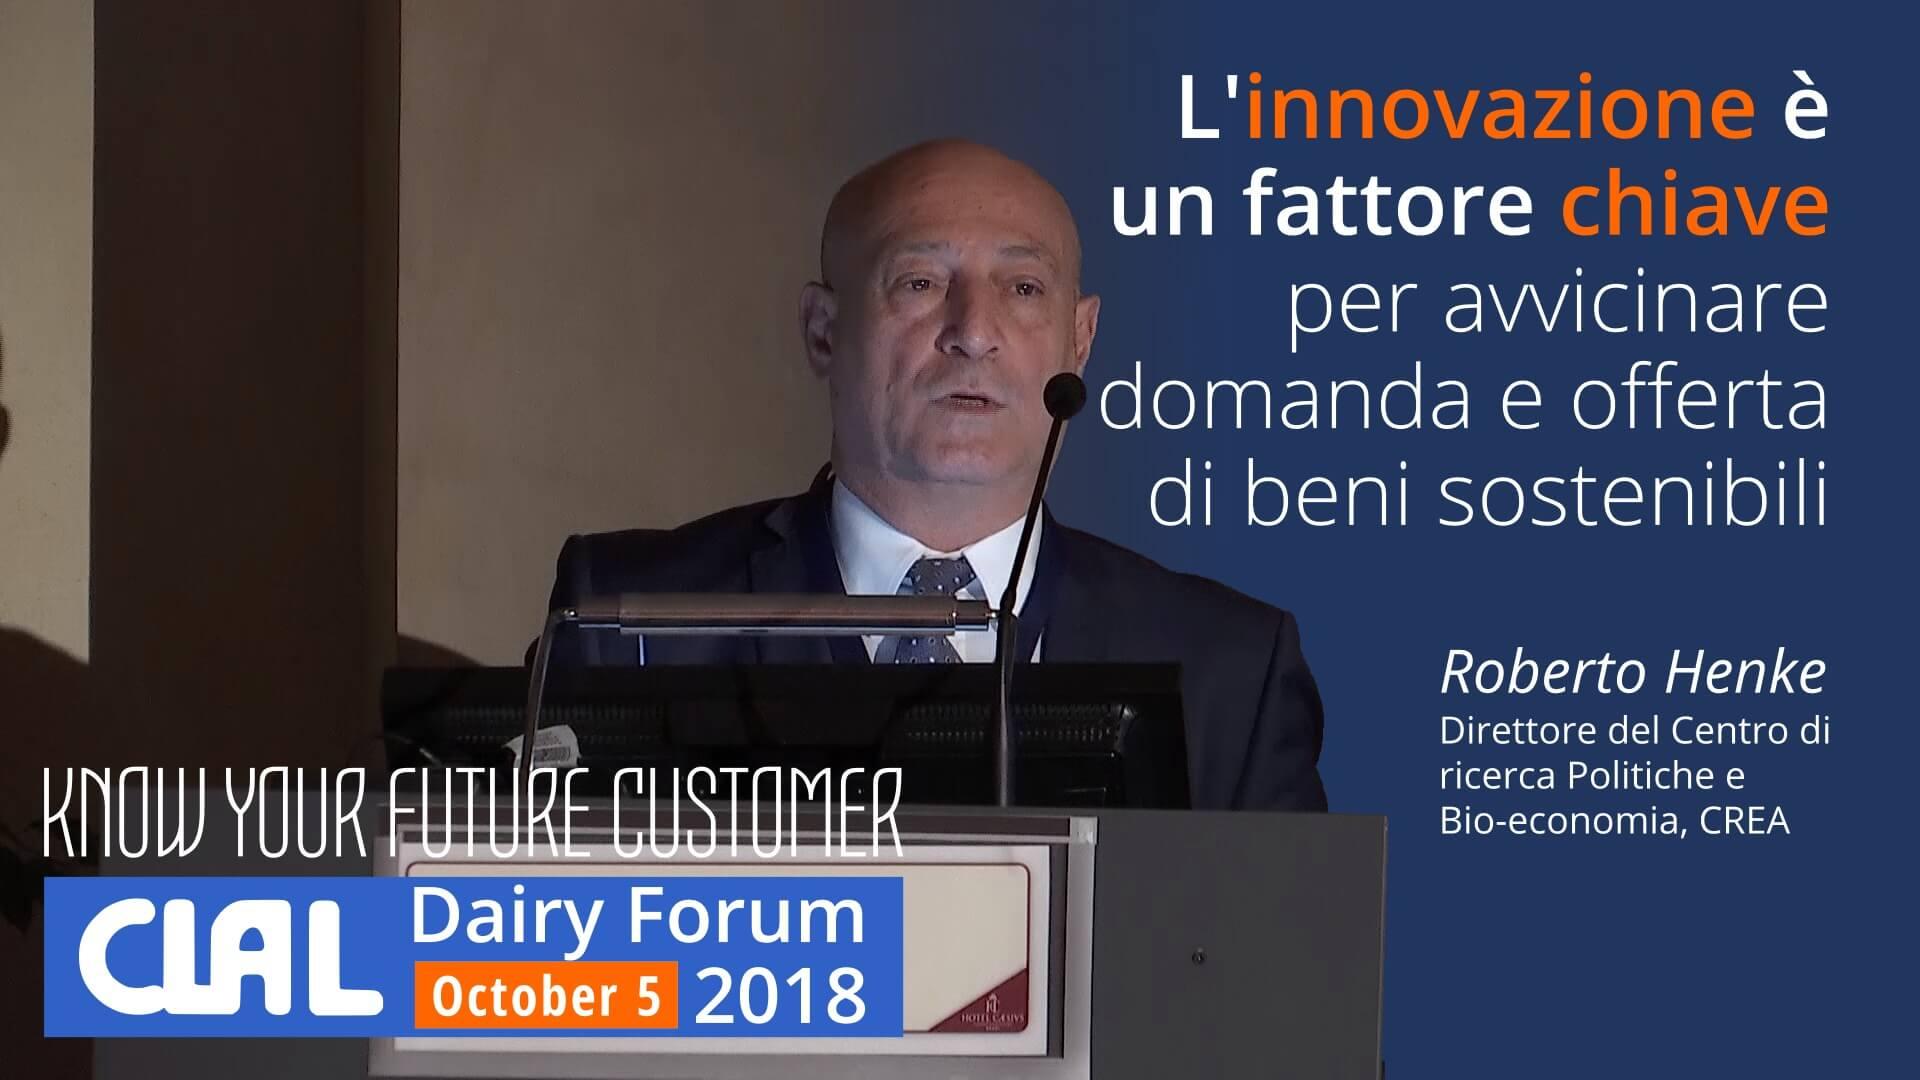 Roberto Henke, Direttore del Centro di ricerca Politiche e Bio-economia, CREA - CLAL Dairy Forum 2018